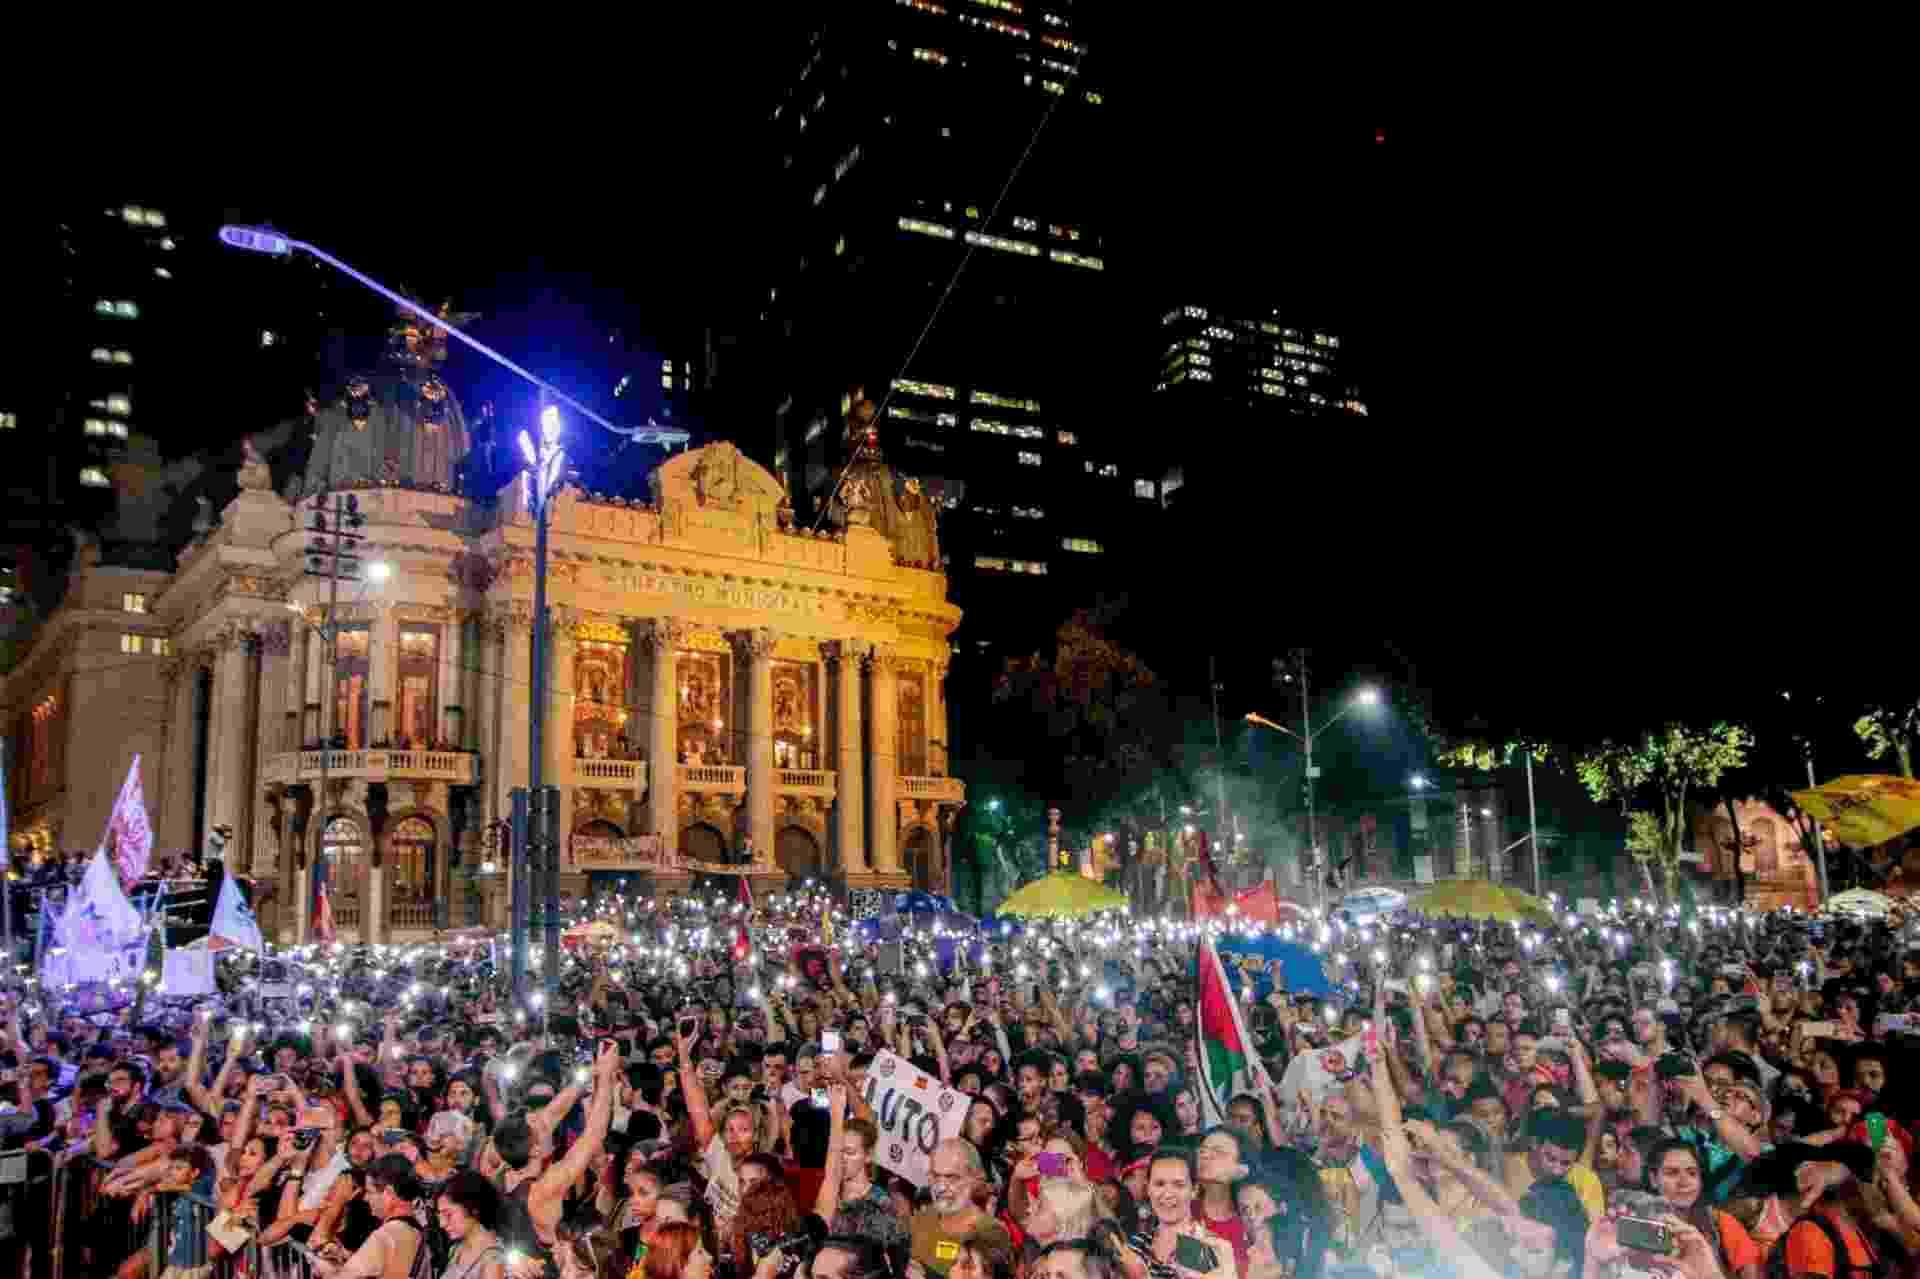 20.mar.2018 - Multidão se reúne na região central do Rio de Janeiro para participar de ato que marca o sétimo dia de morte da vereadora Marielle Franco (PSOL/RJ) e do seu motorista Anderson Gomes - Rudy Trindade/FramePhoto/Folhapress